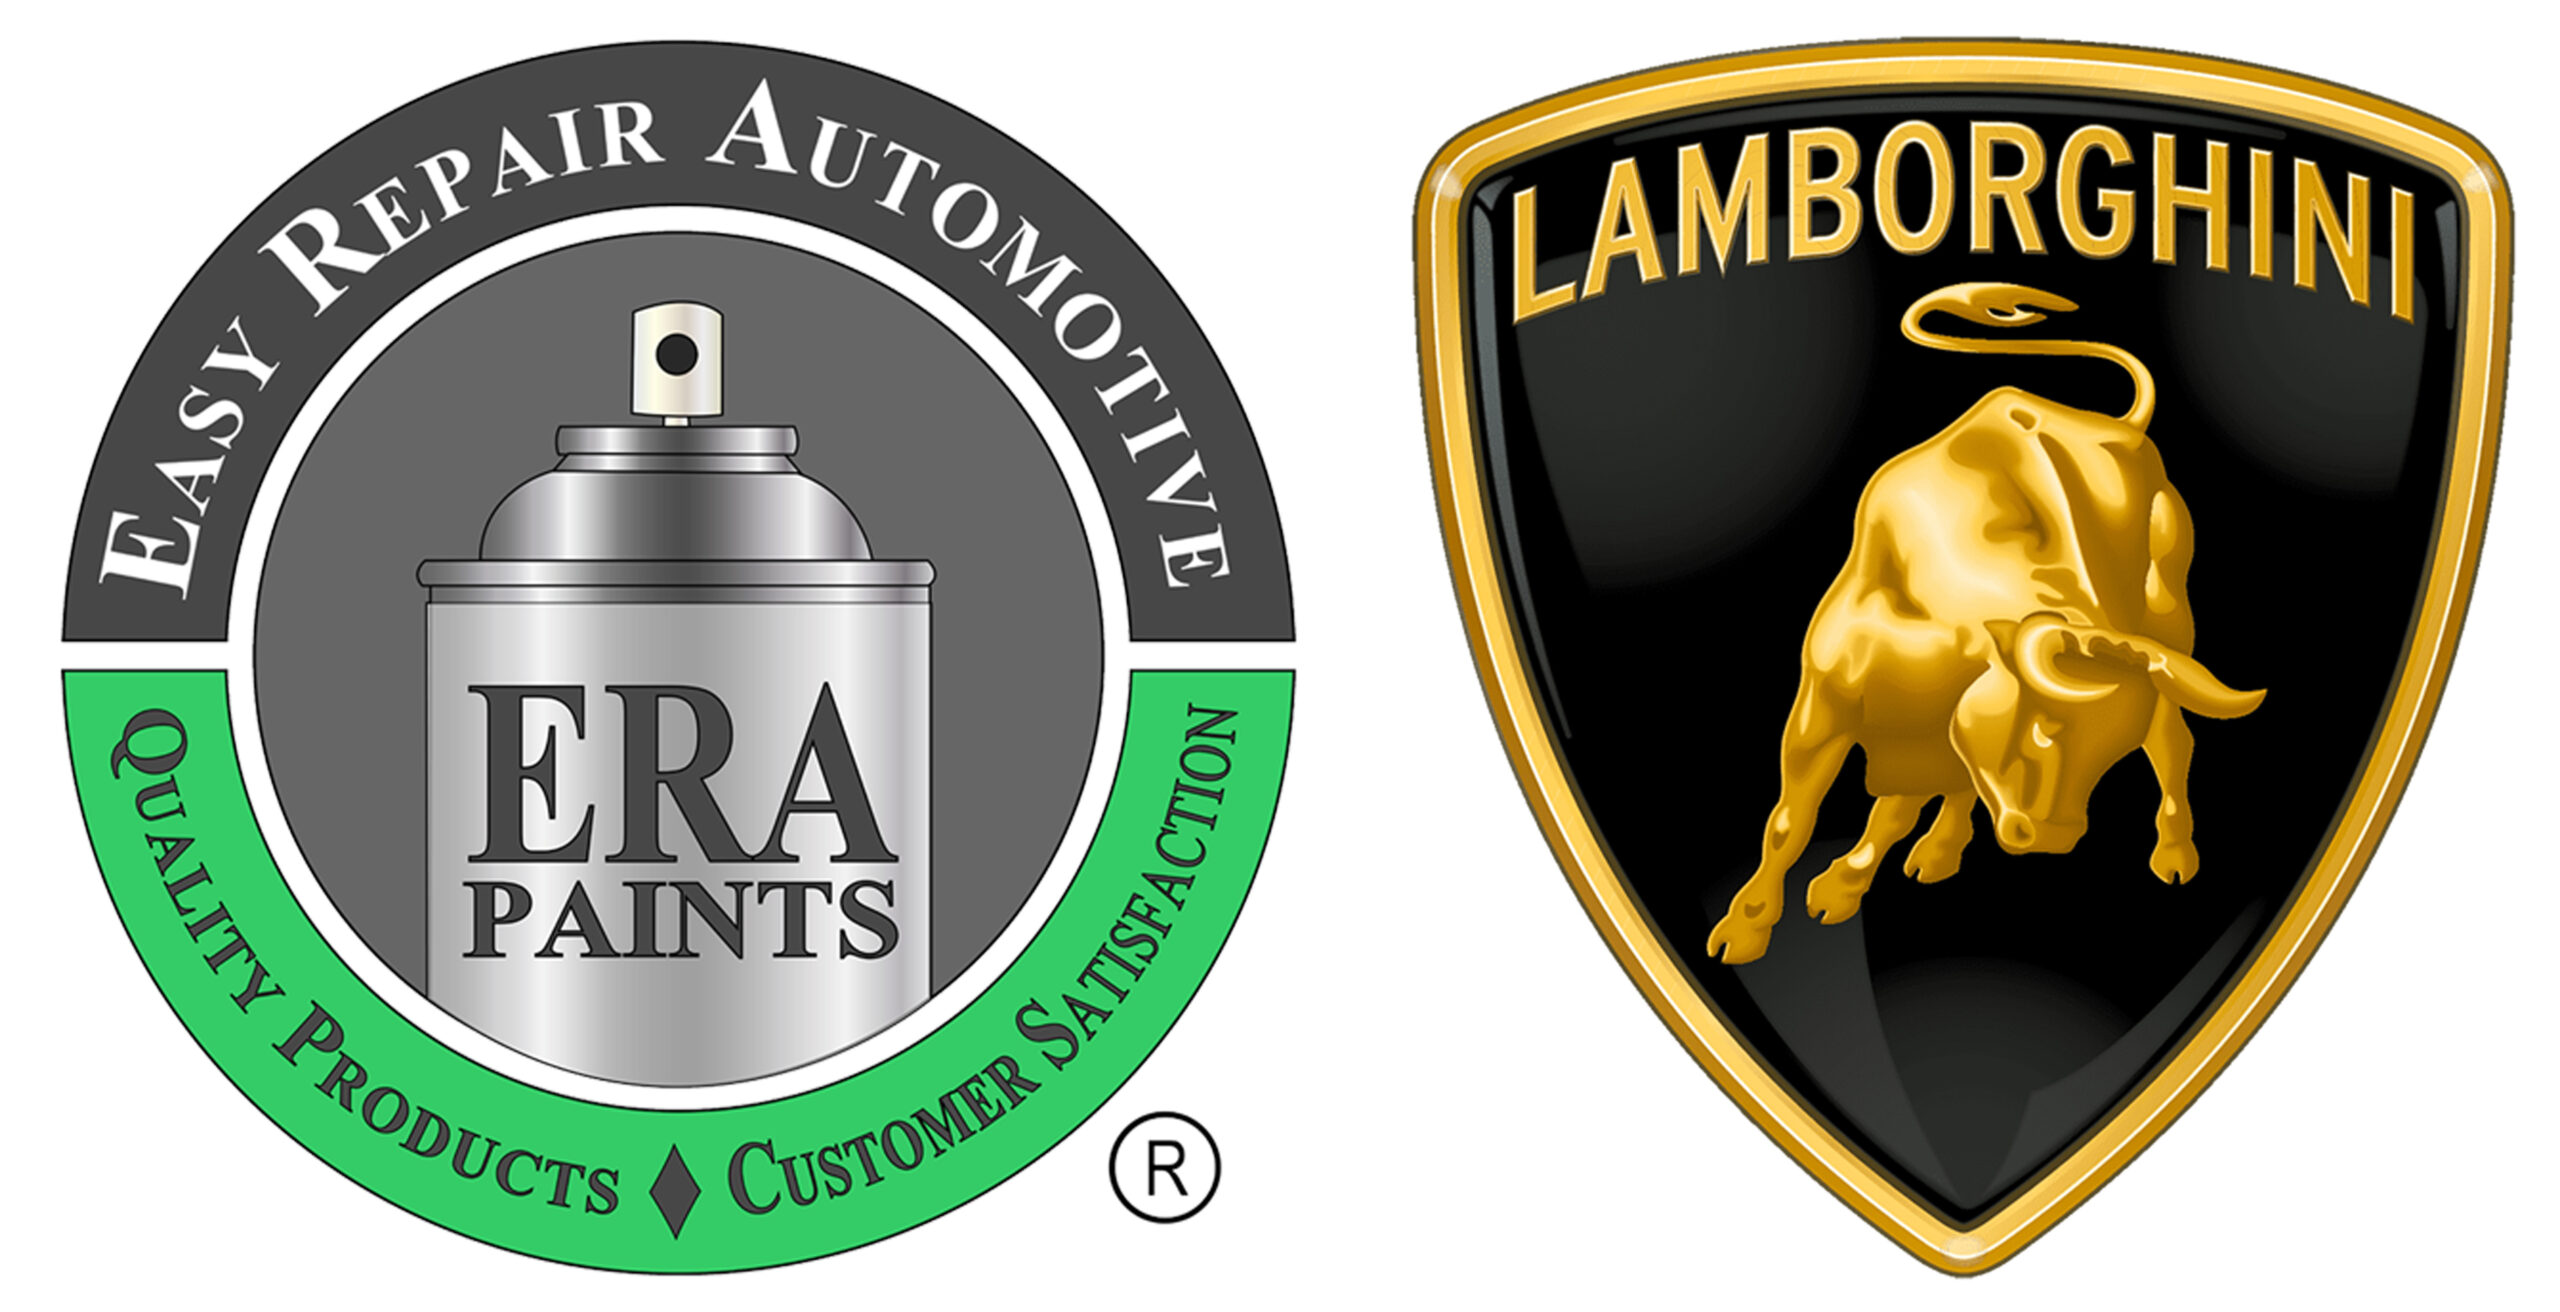 ERA Paints and Lamborghini Logo